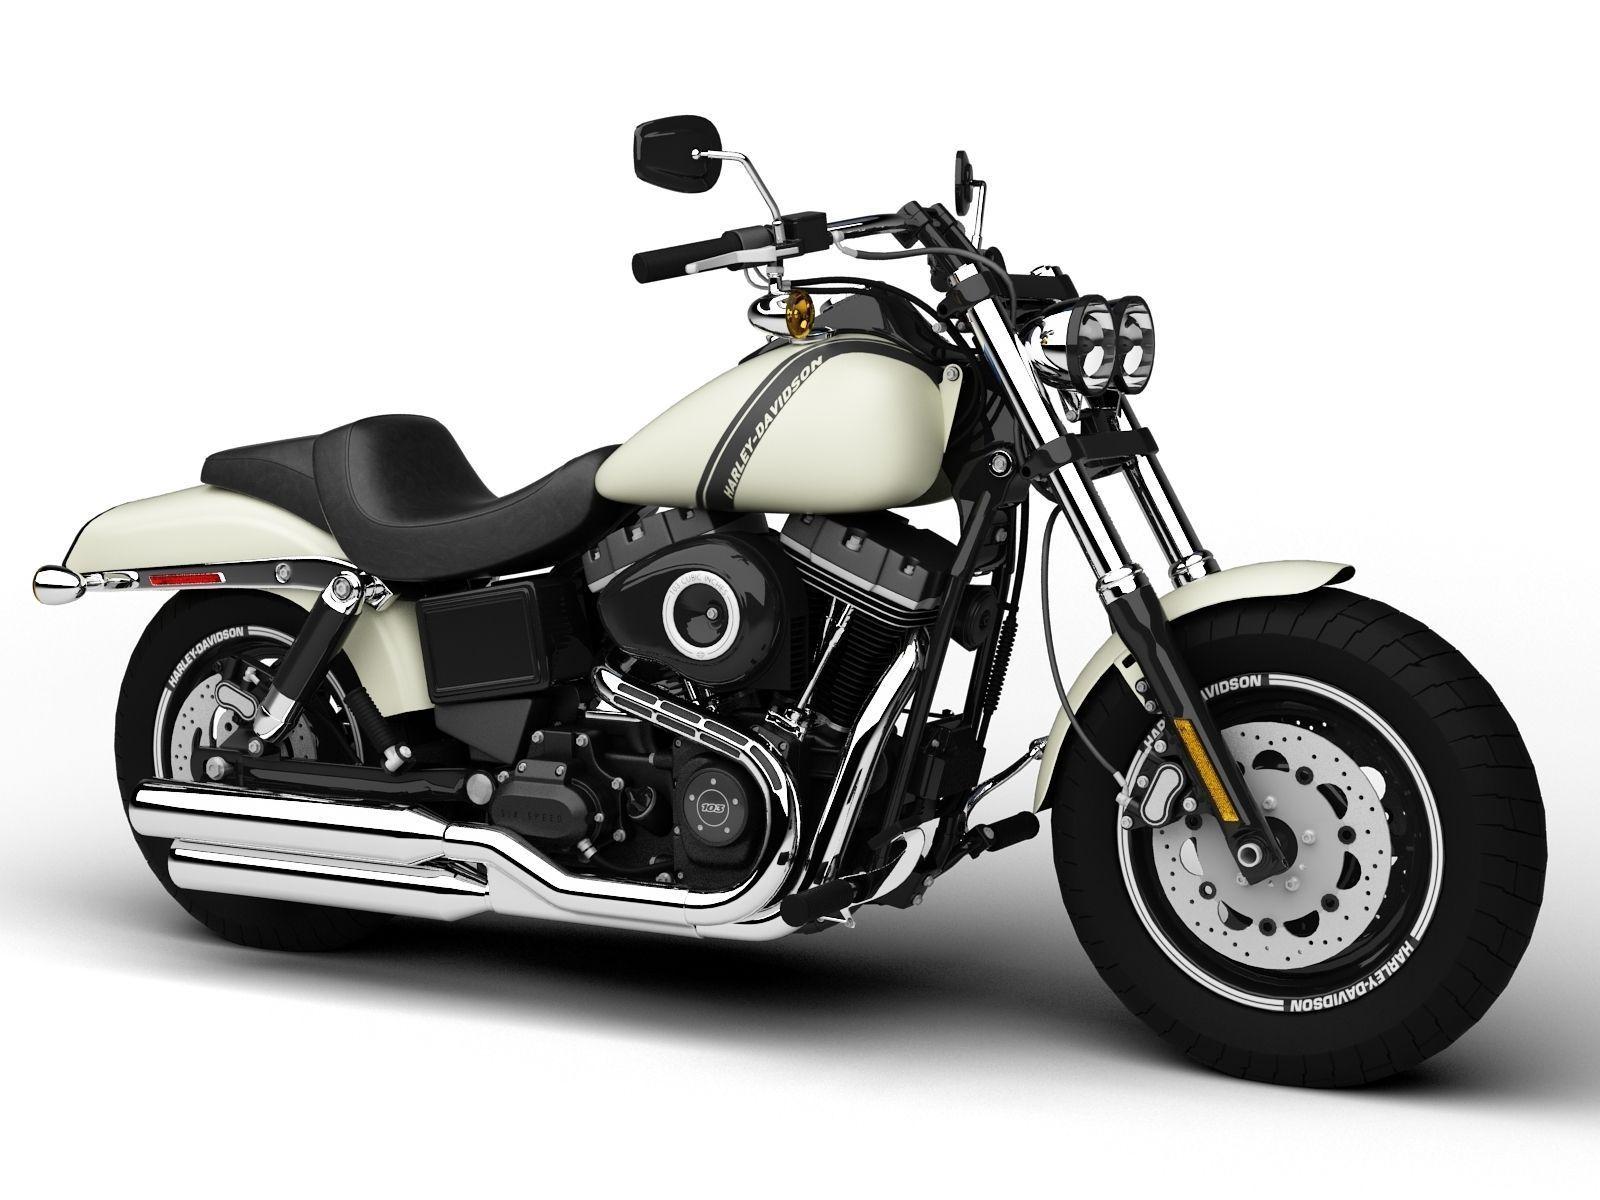 Harley Davidson Fxdf Dyna Fat Bob D Model Max Obj Ds Fbx C D Dxf on Harley Davidson Parts Identification